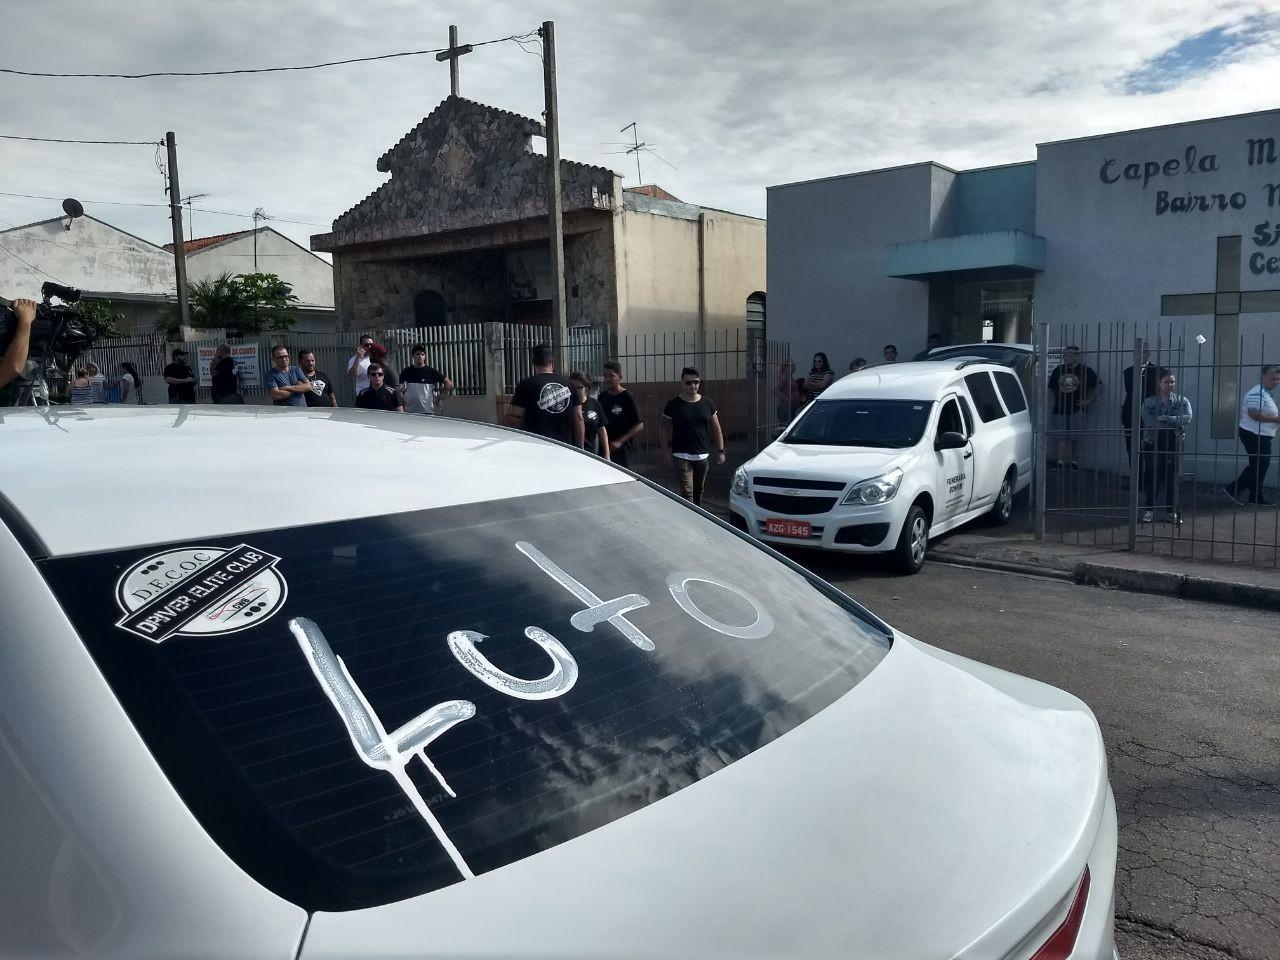 Tentativa de assalto a motorista da Uber termina em acidente na BR-116, na Região de Curitiba